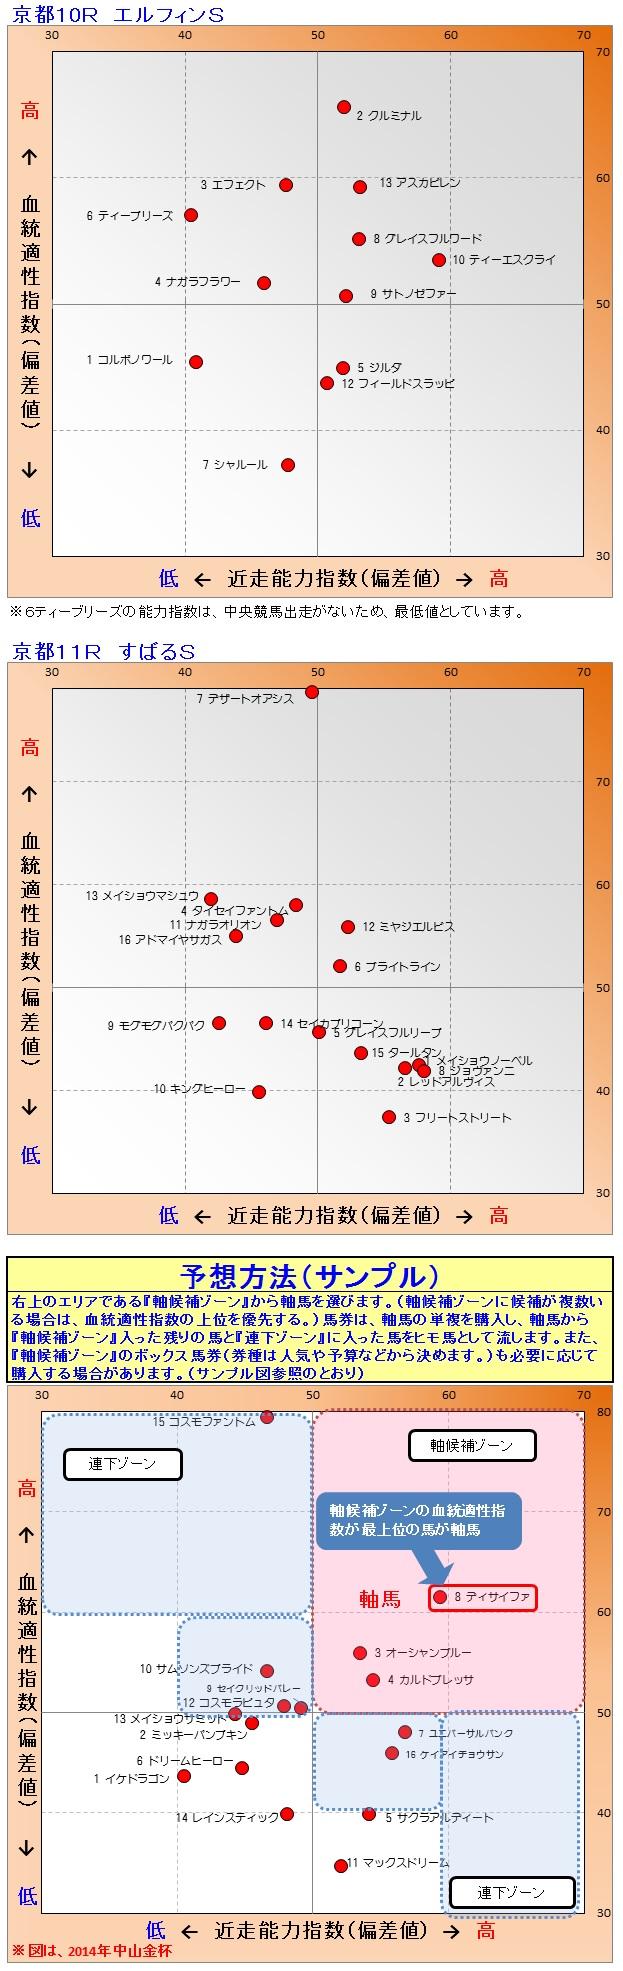 2015-02-07予想